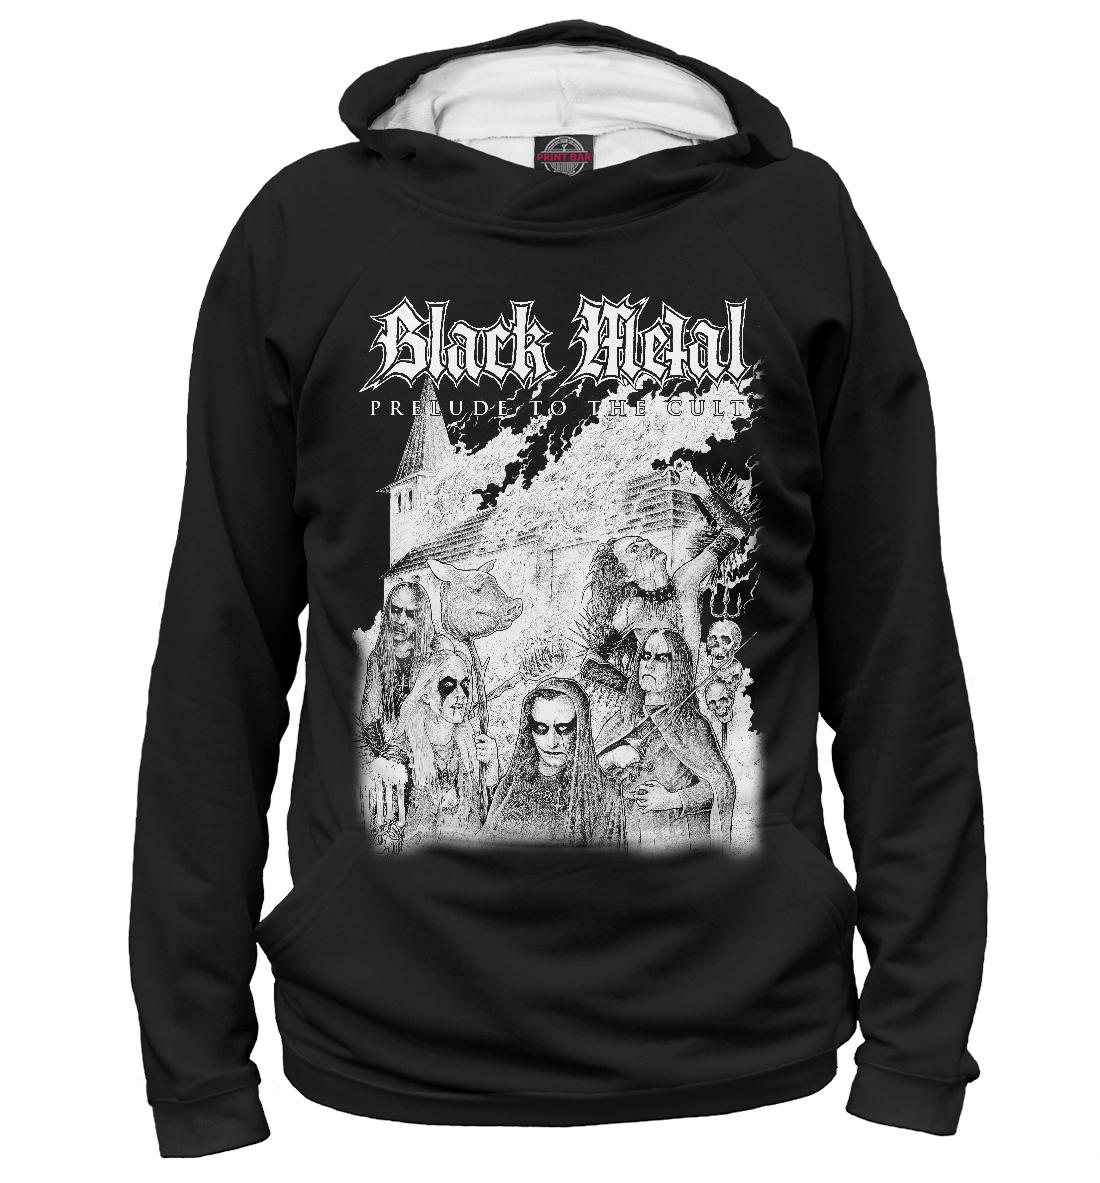 Купить Black Metal, Printbar, Худи, MZK-267645-hud-2